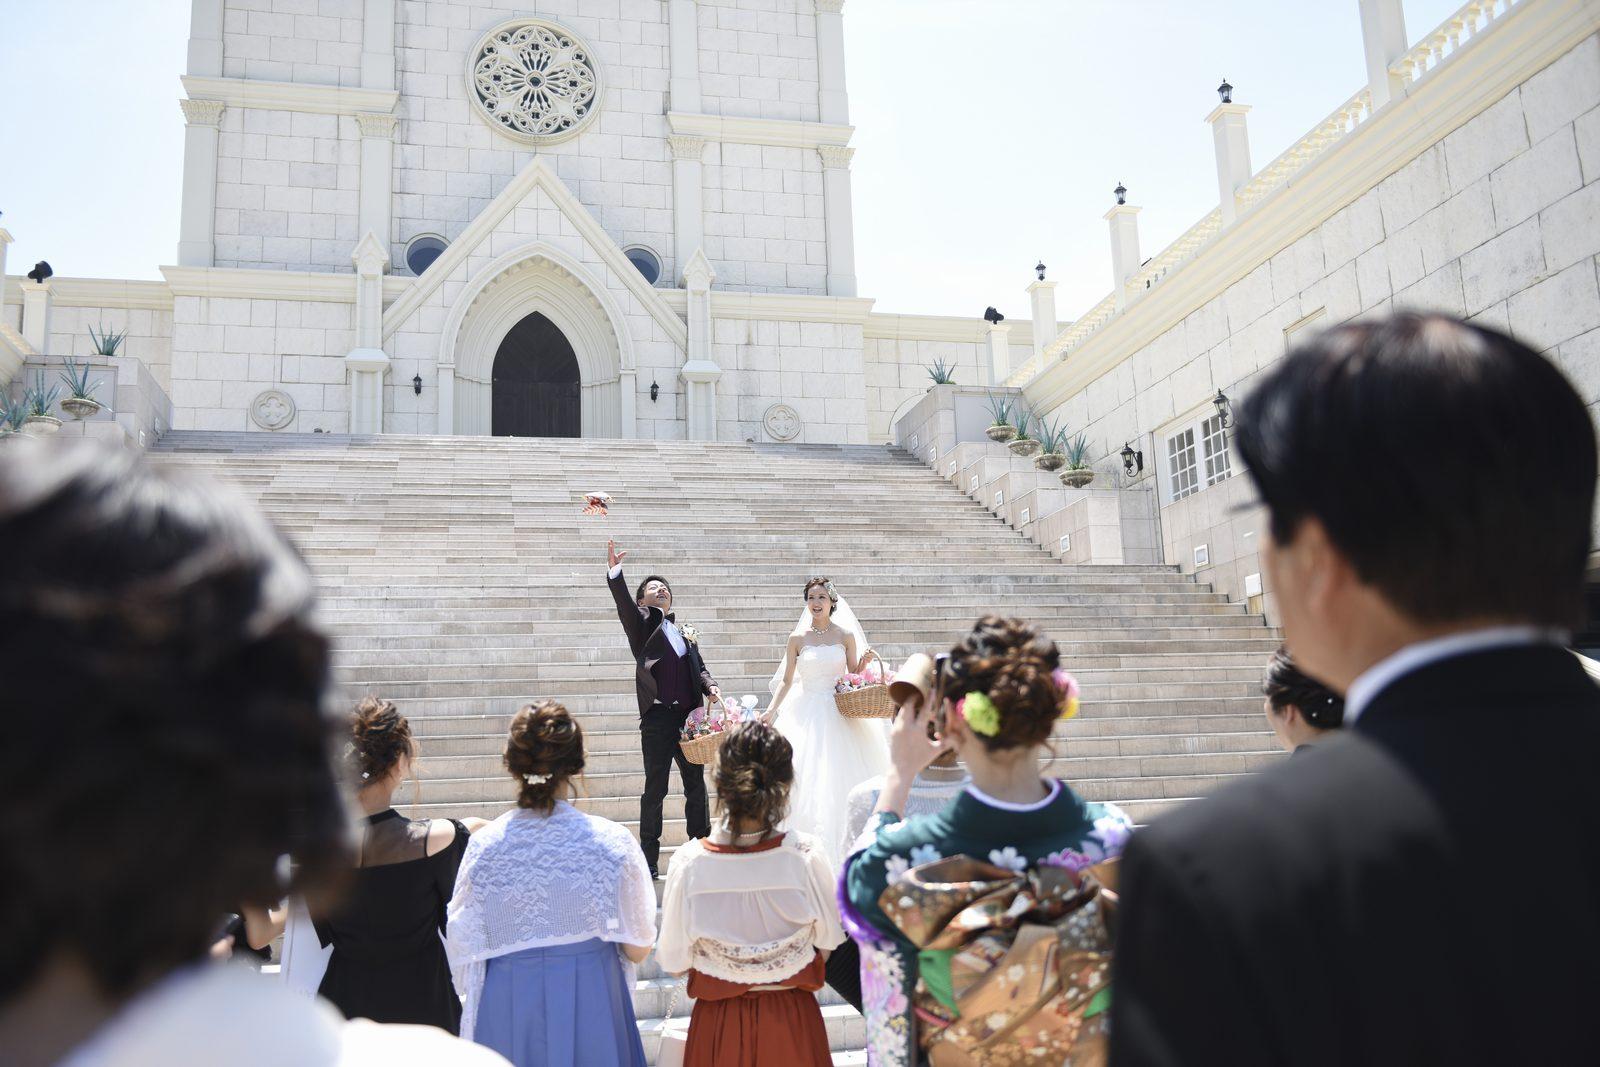 香川県の結婚式場シェルエメールの大階段でアフターセレモニー